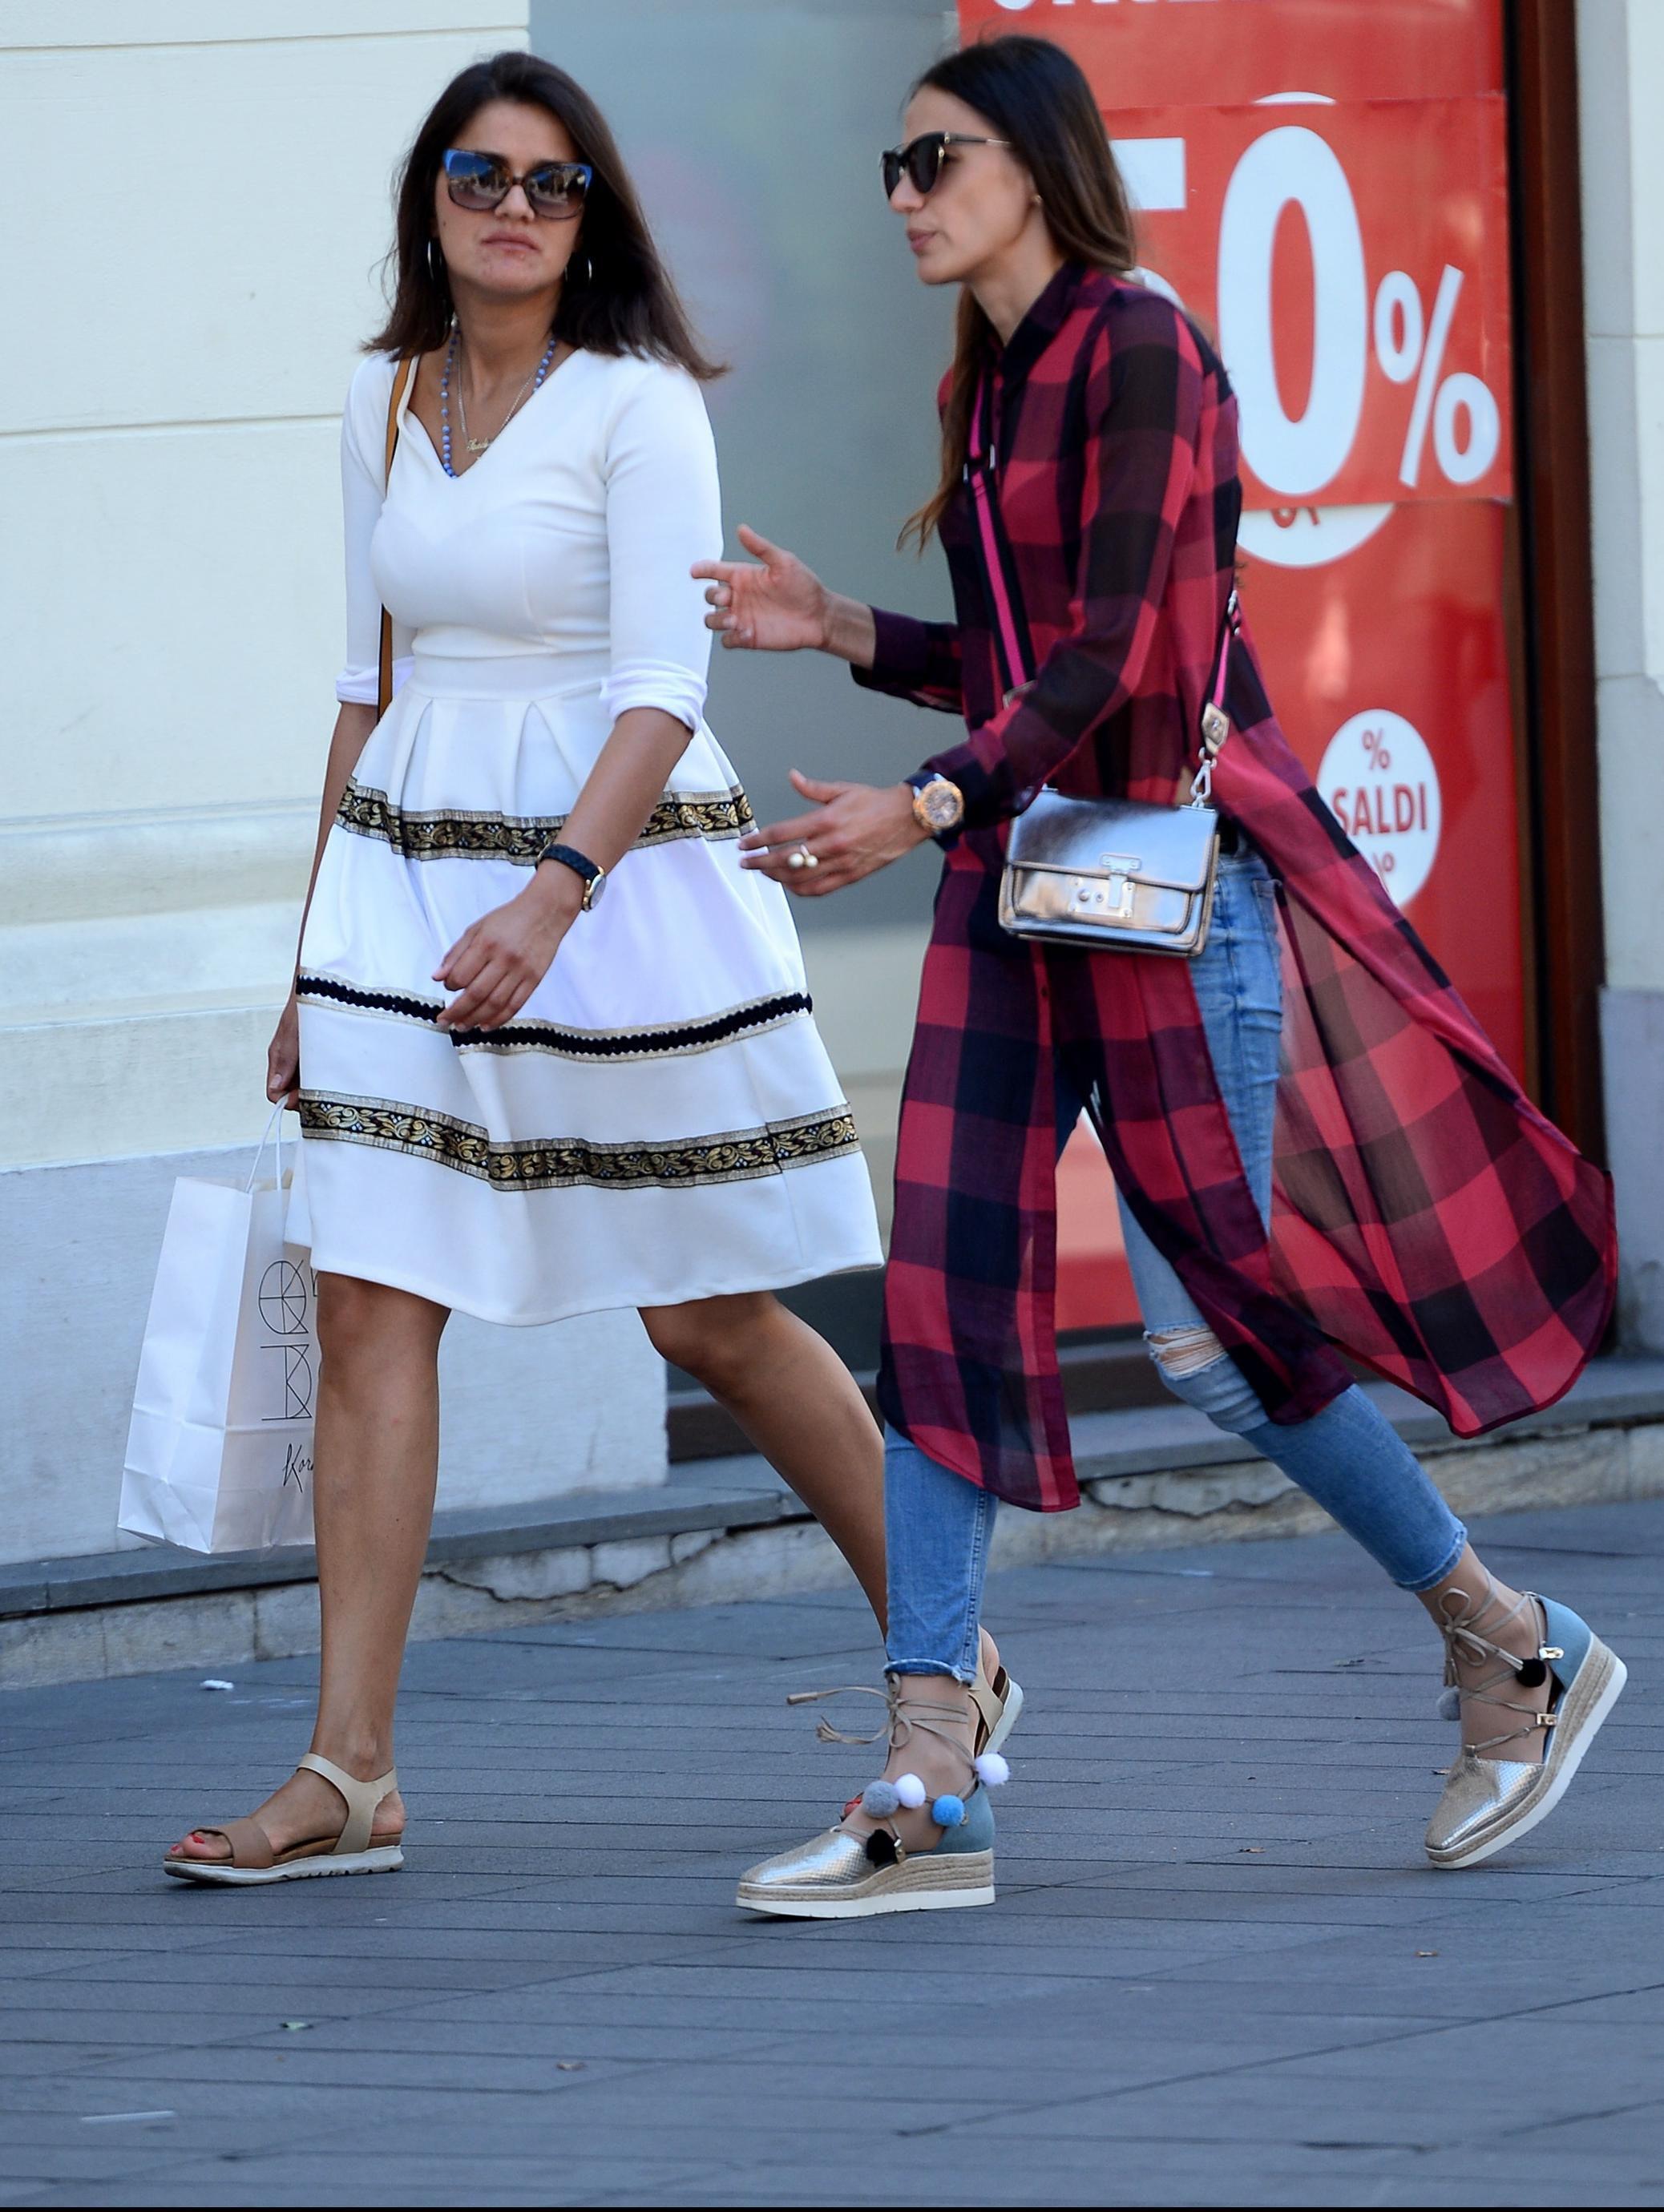 Jedan trendi detalj, dvije zgodne dame - koja ga bolje nosi?